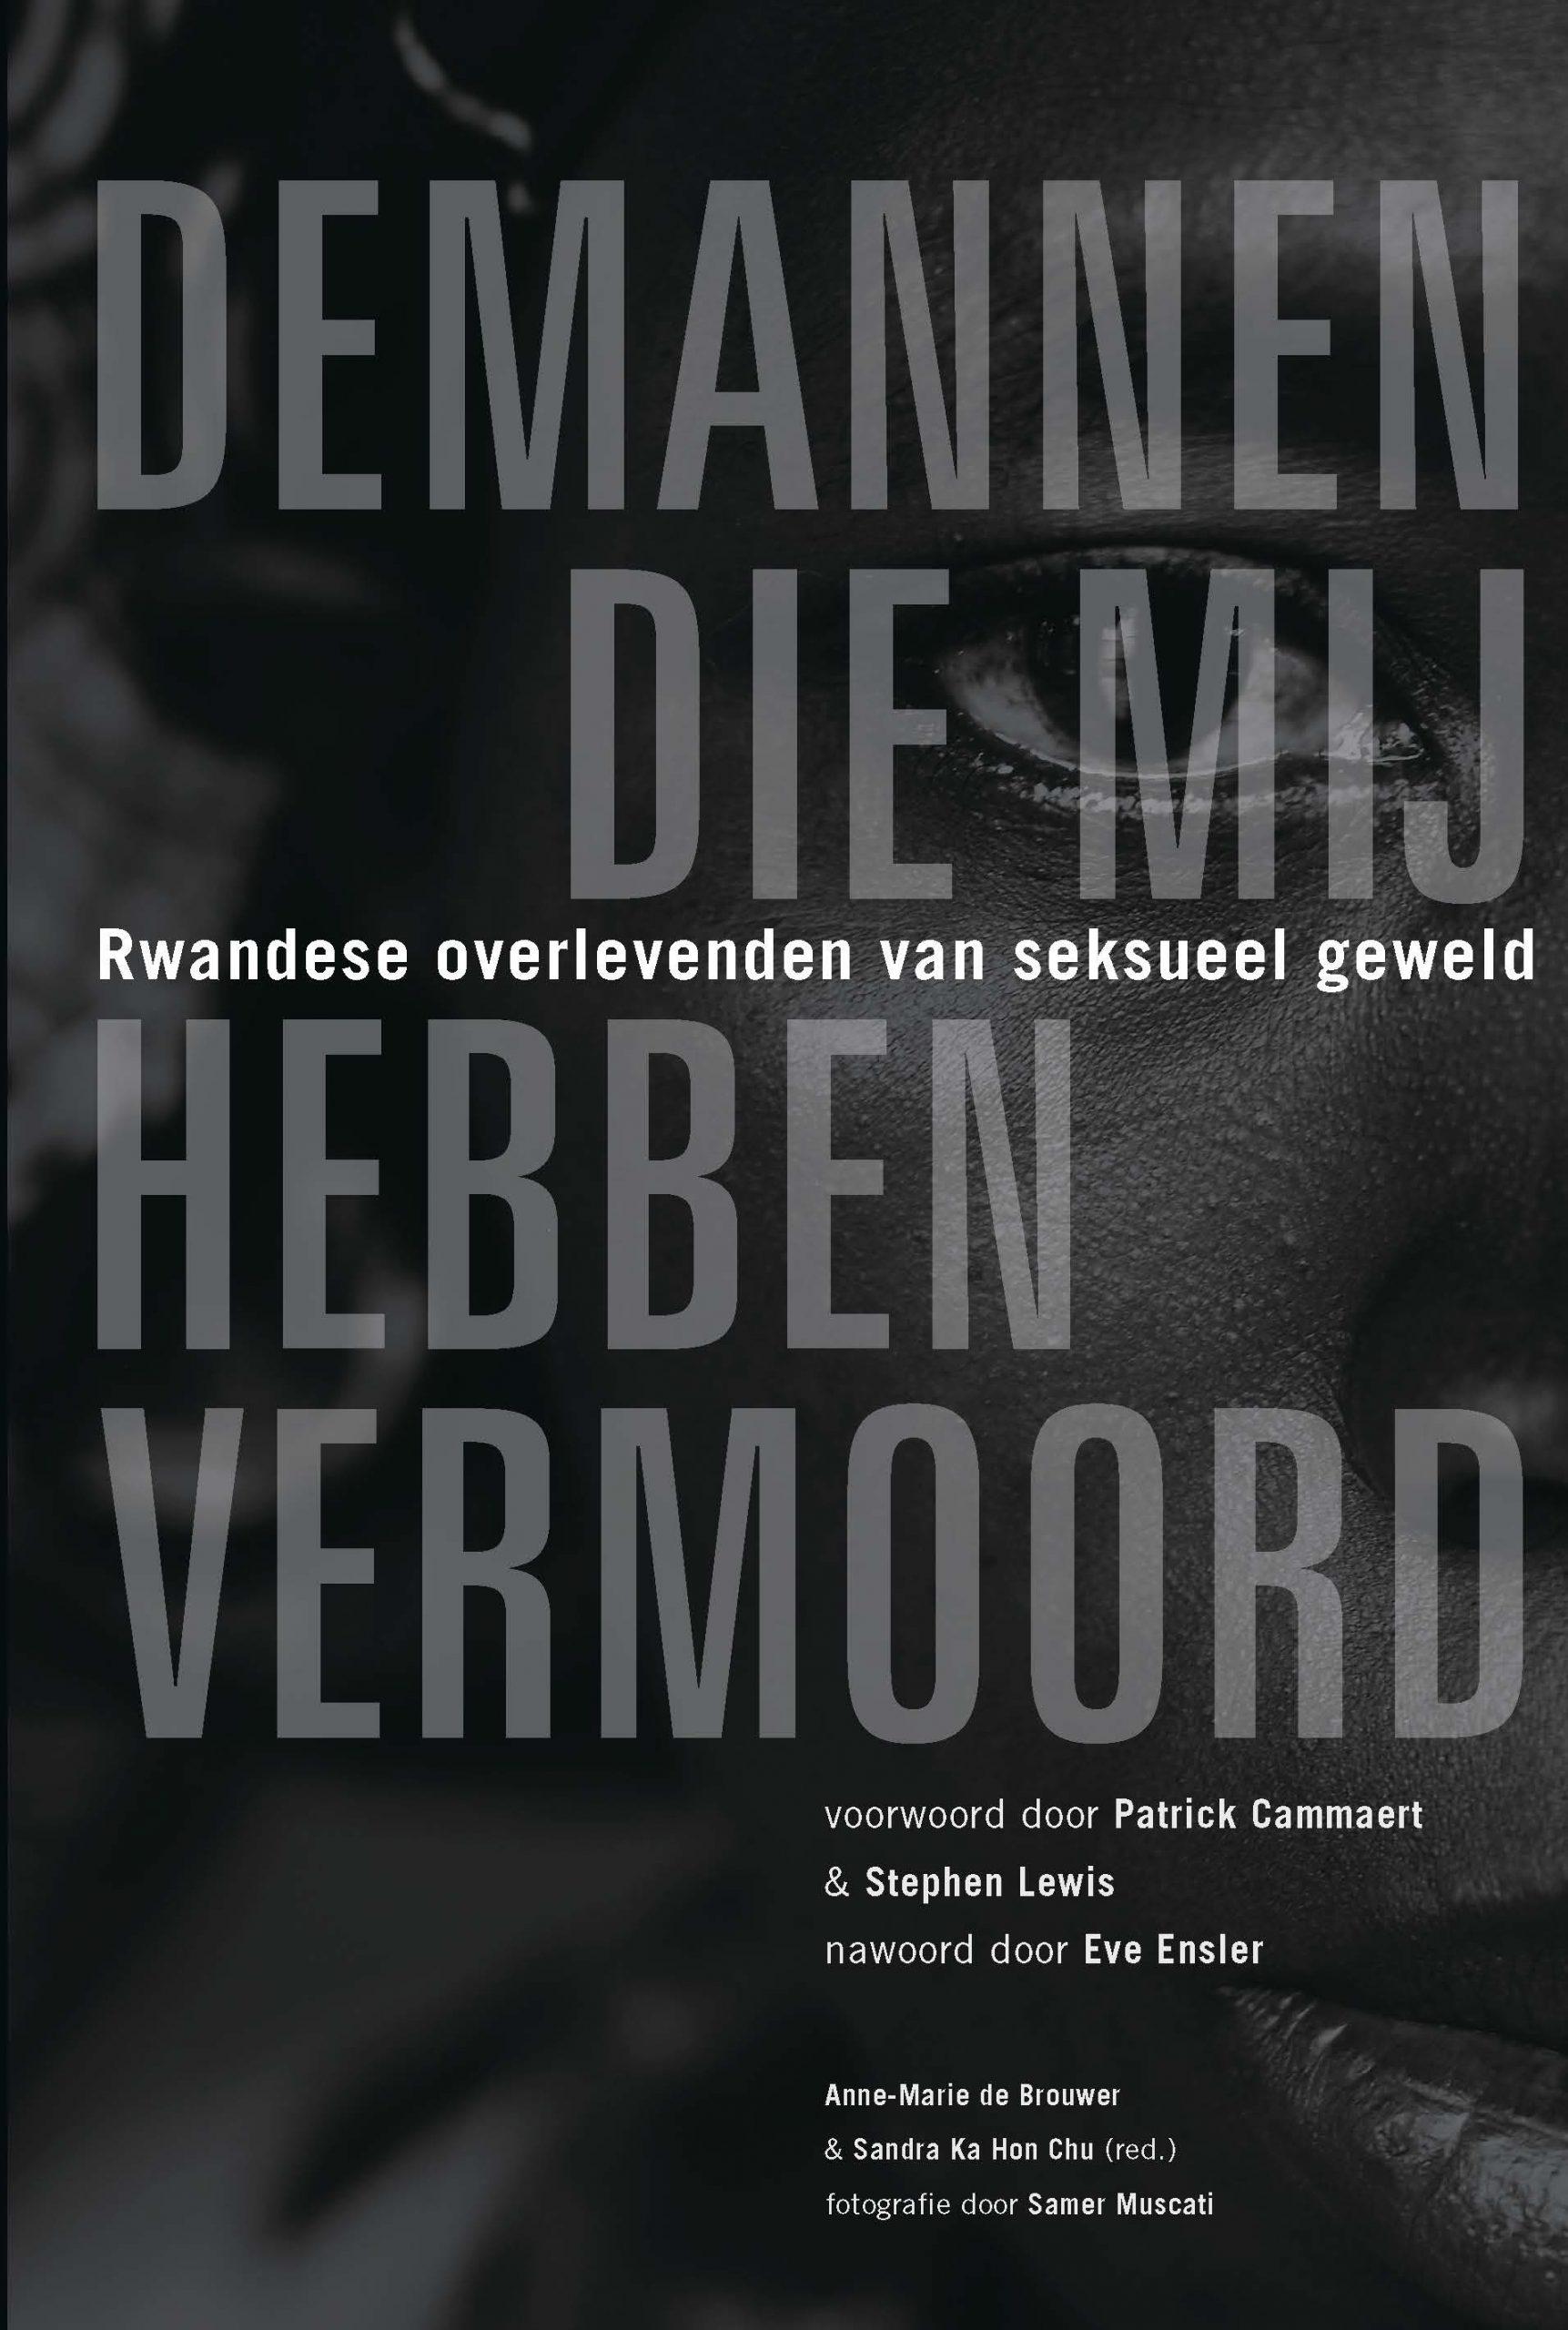 De mannen die mij hebben vermoord omslag - NL